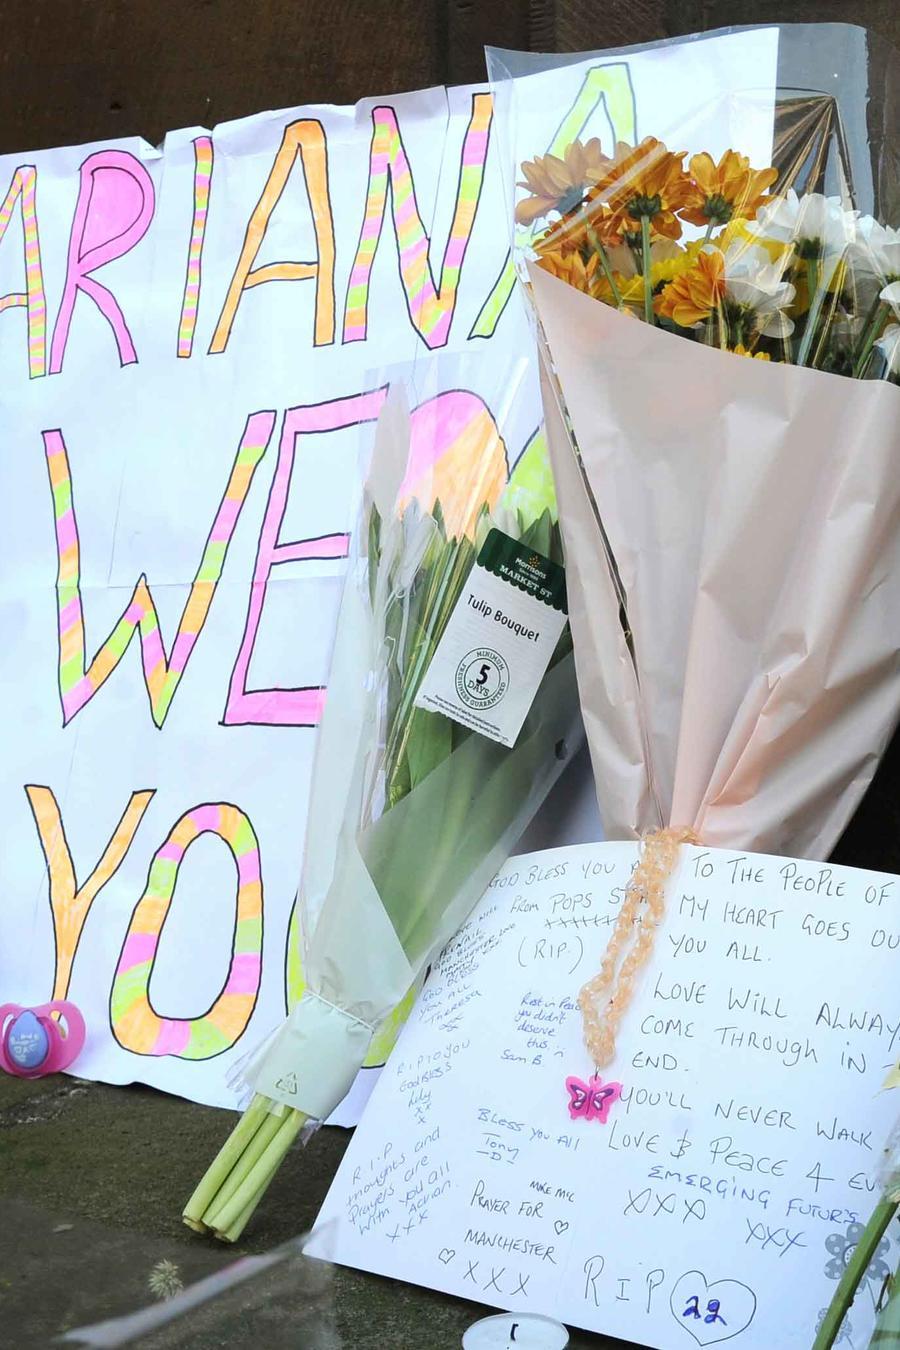 Ramos de flores en honor a víctimas del atentado en concierto en Manchester